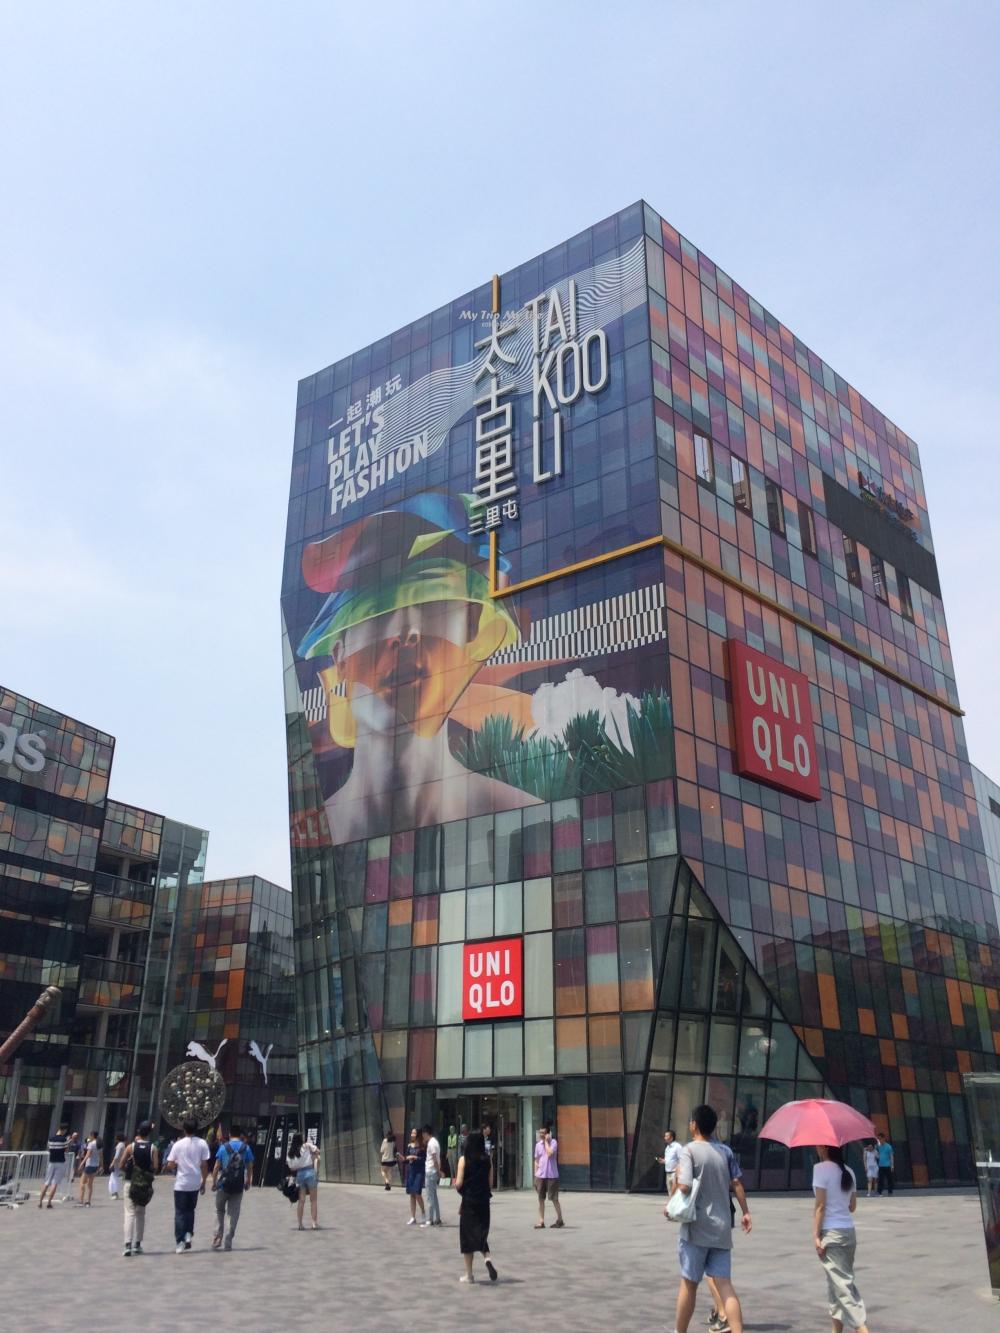 【北京旅行】年輕人必去逛街、酒吧聖地 – 三里屯Soho @MY TRIP ‧ MY LIFE